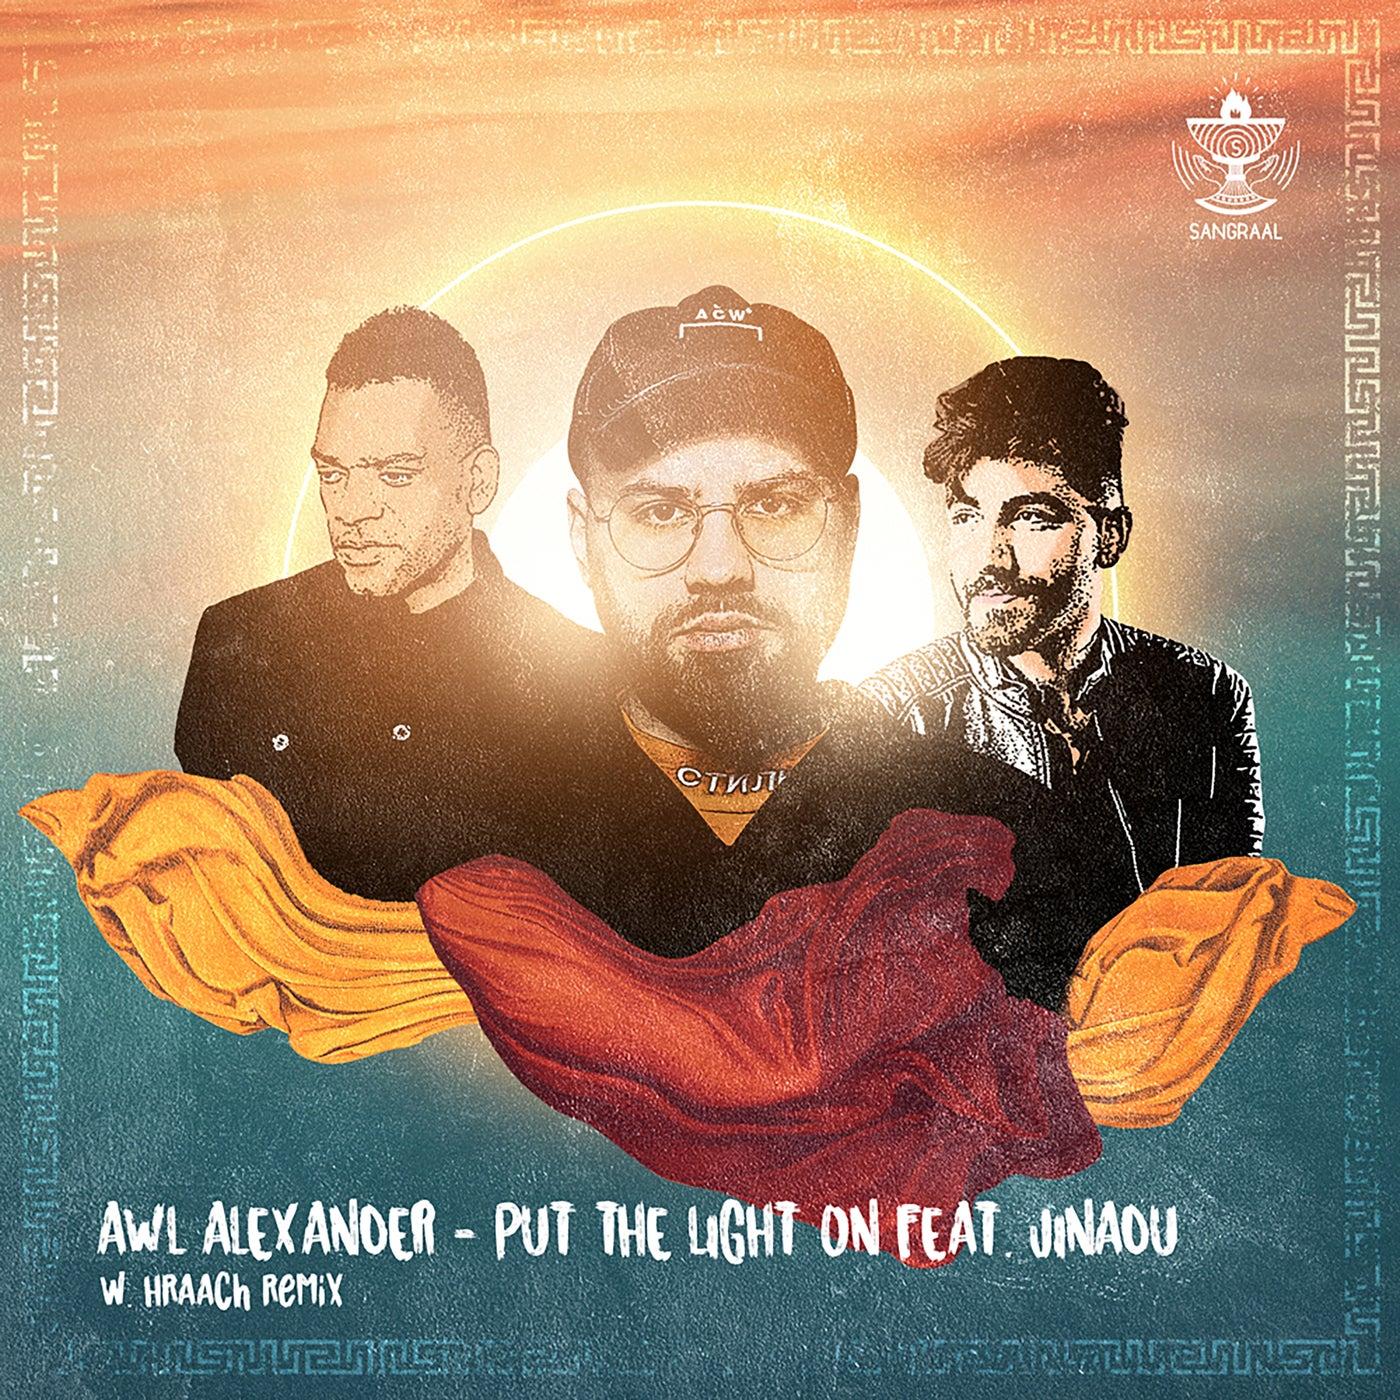 Put The Light On feat. Jinadu (Hraach Remix)